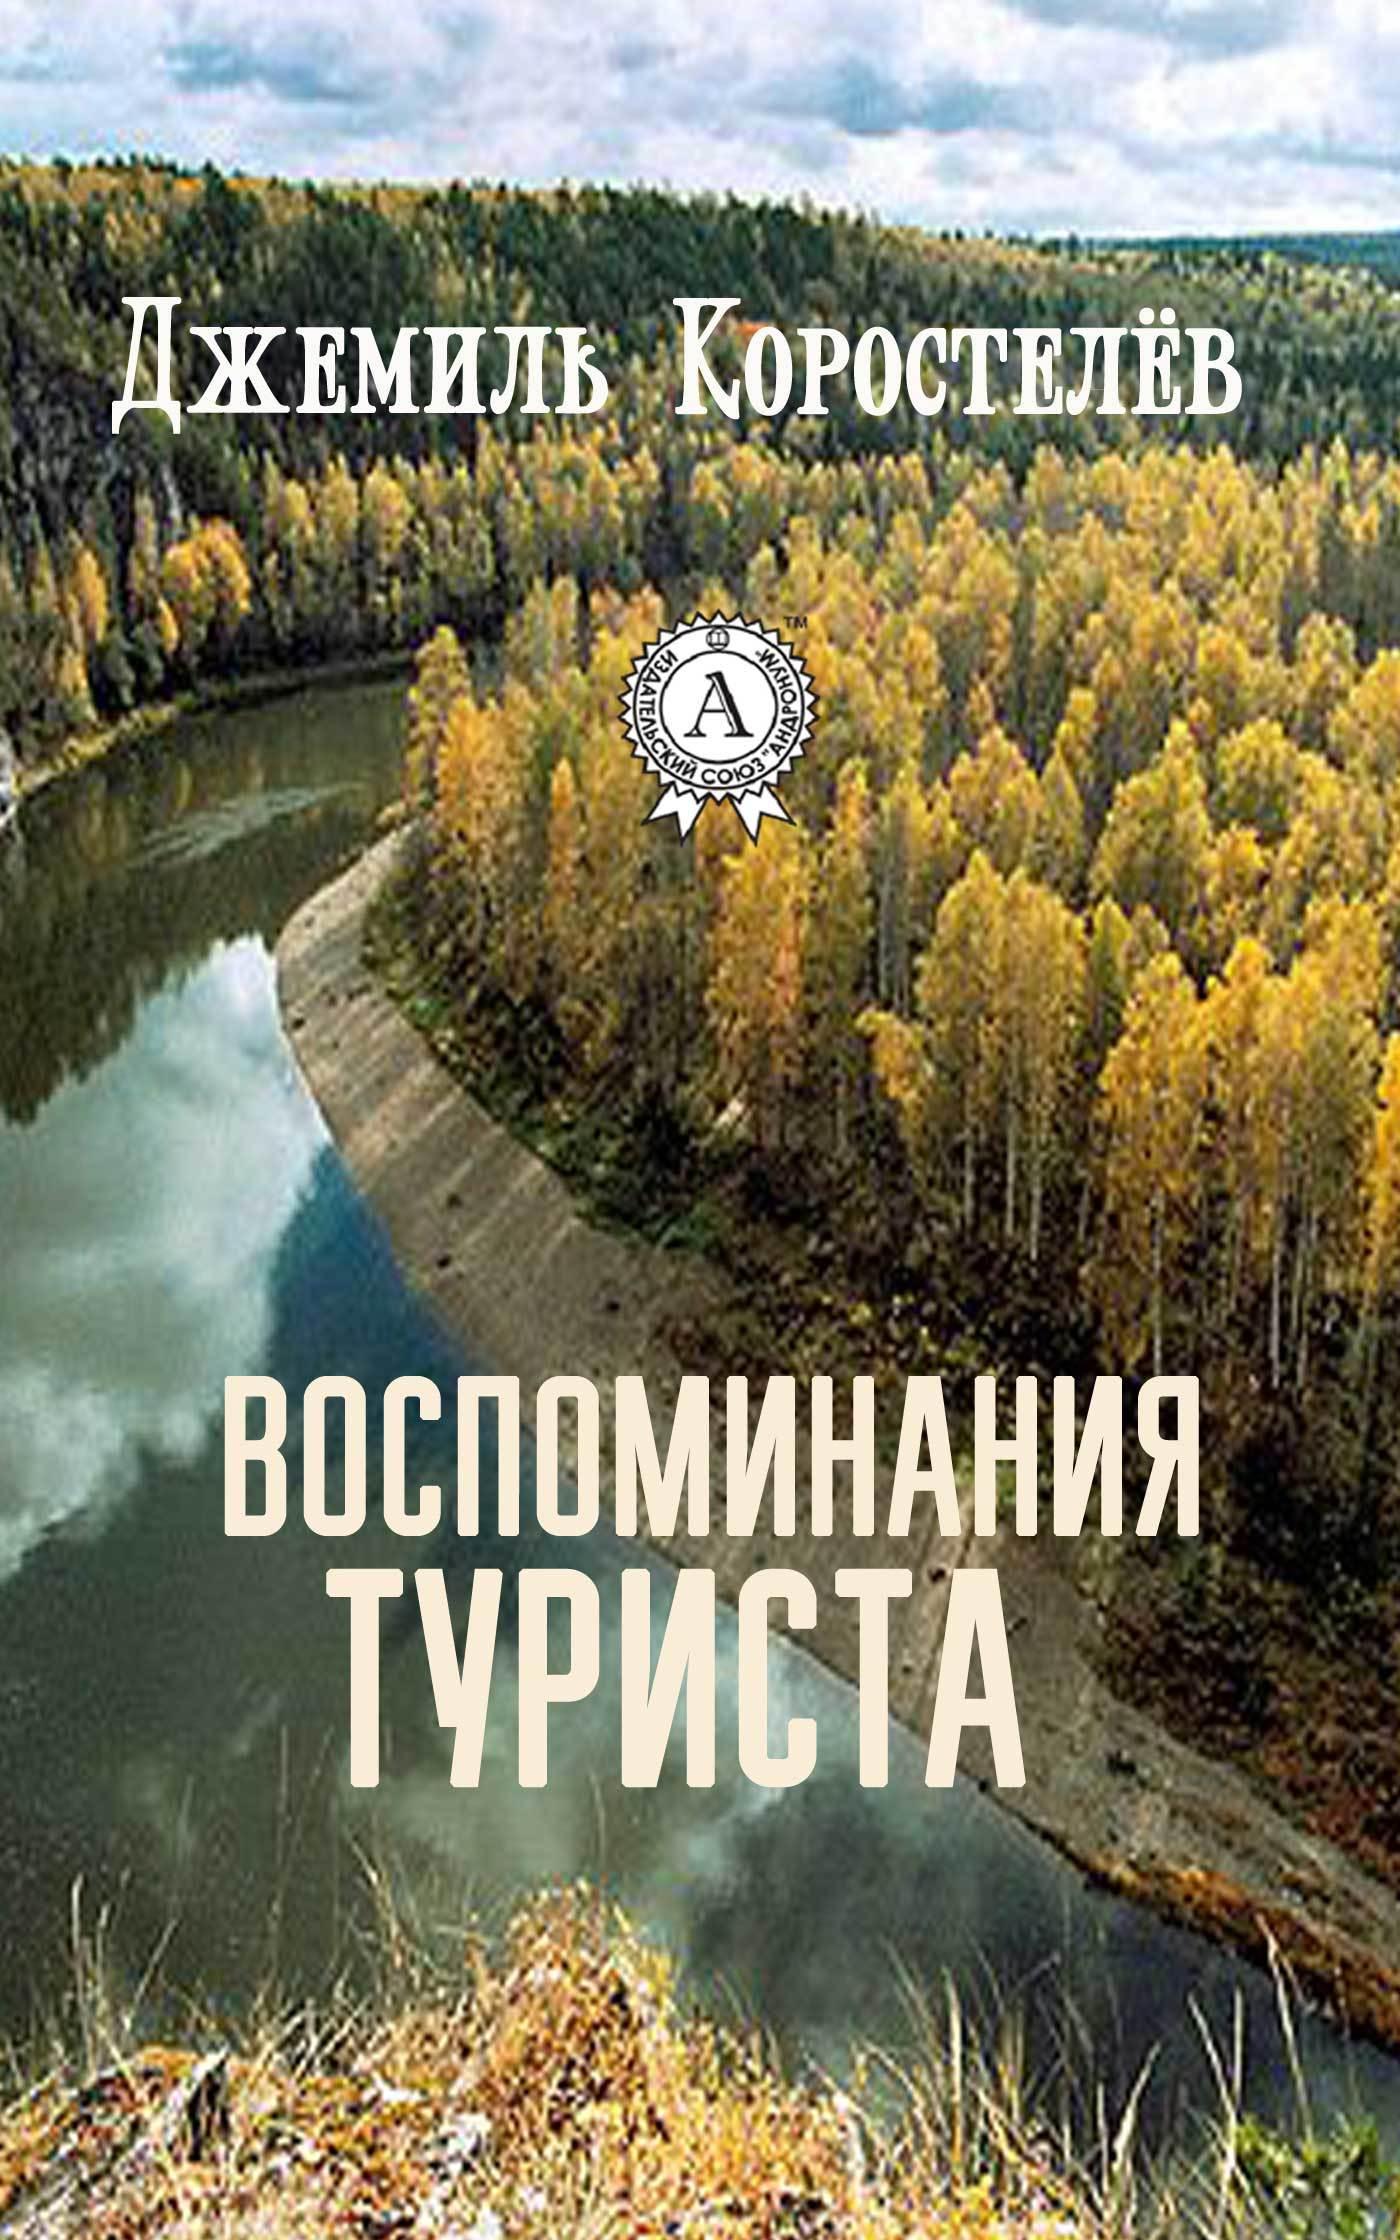 Джемиль Коростелёв. Воспоминания туриста